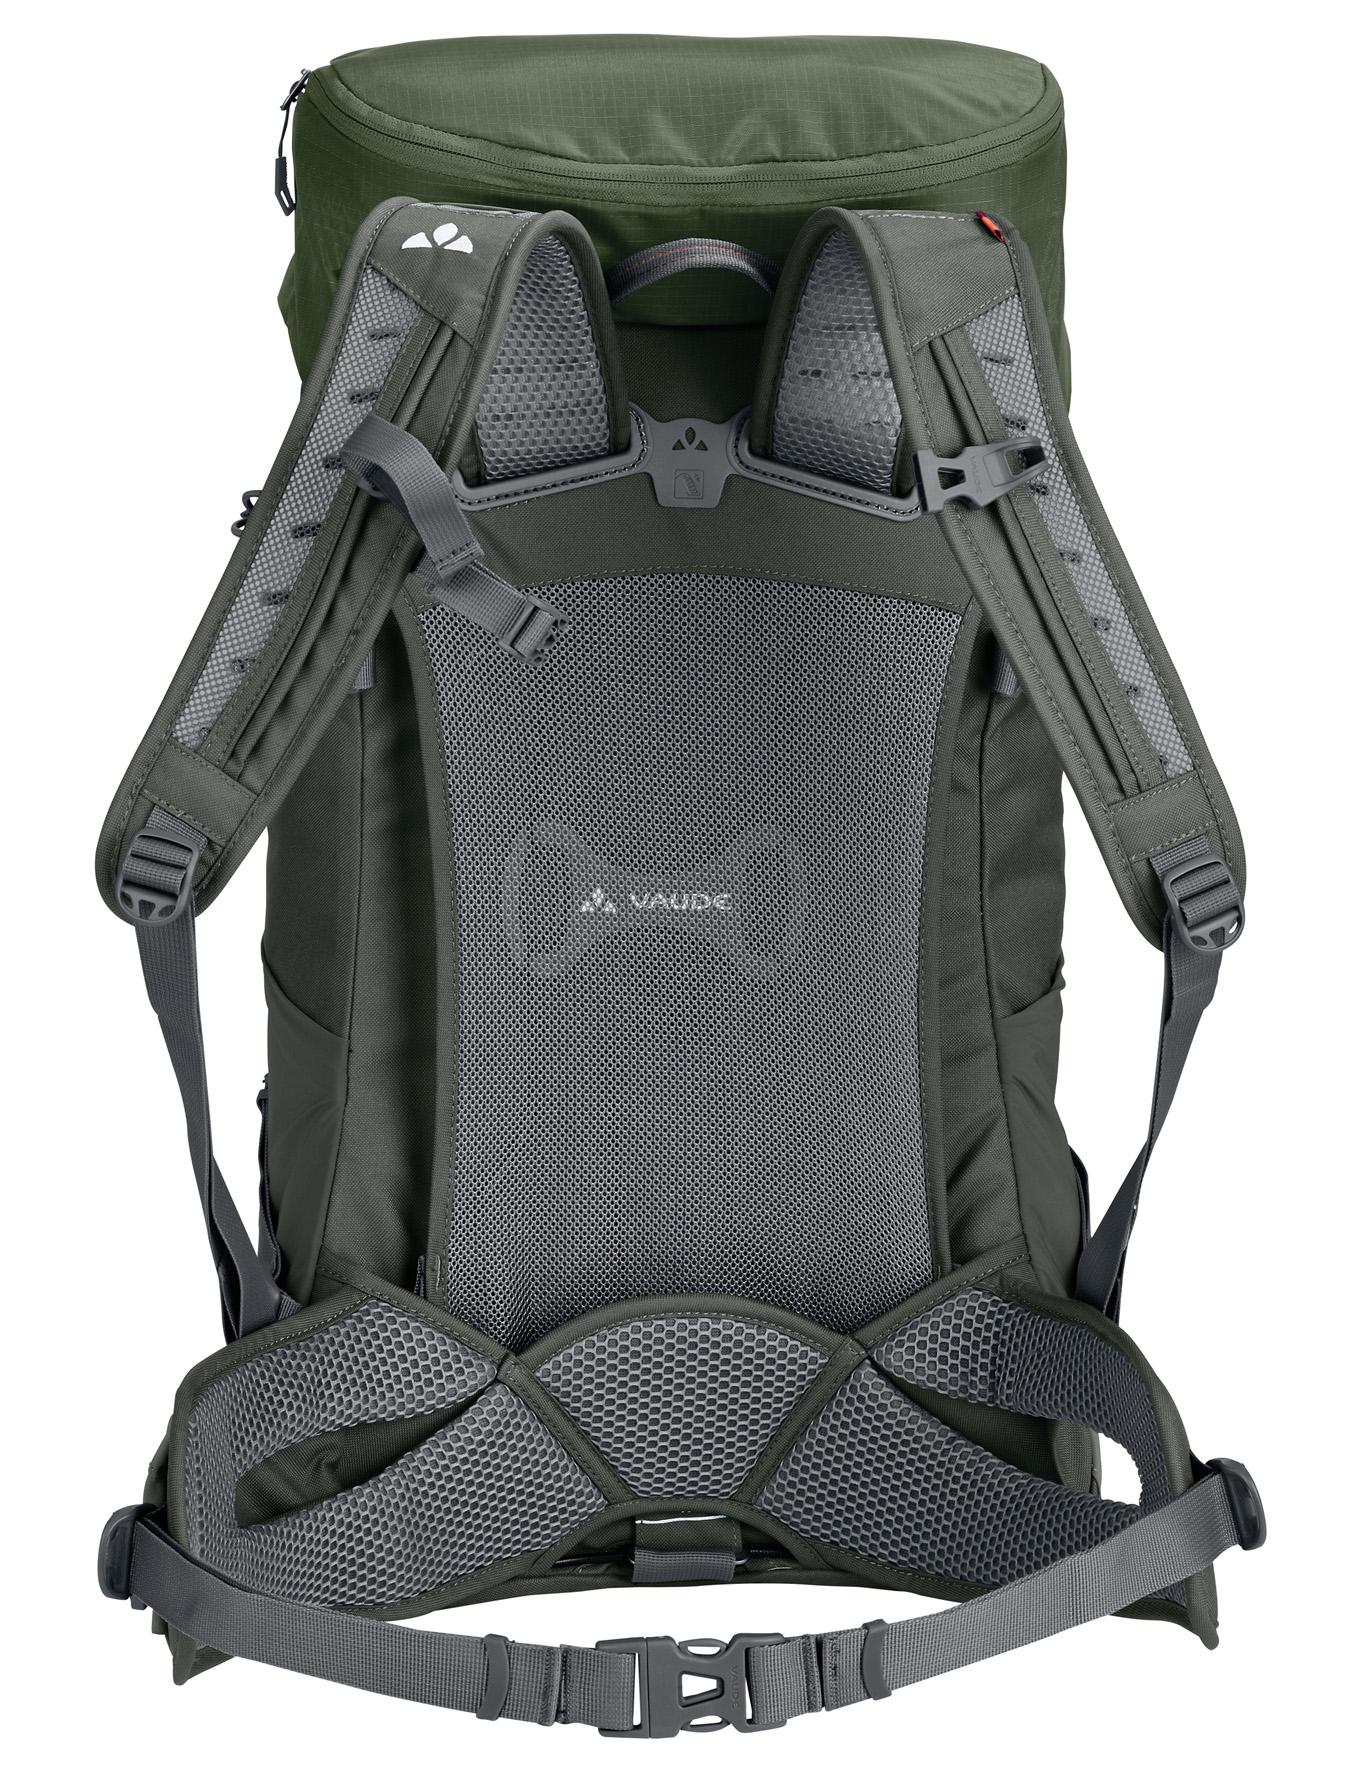 Vaude Brenta 35 turistický batoh s odvětranými zády - PandaOutdoor.cz 6566a0e94b